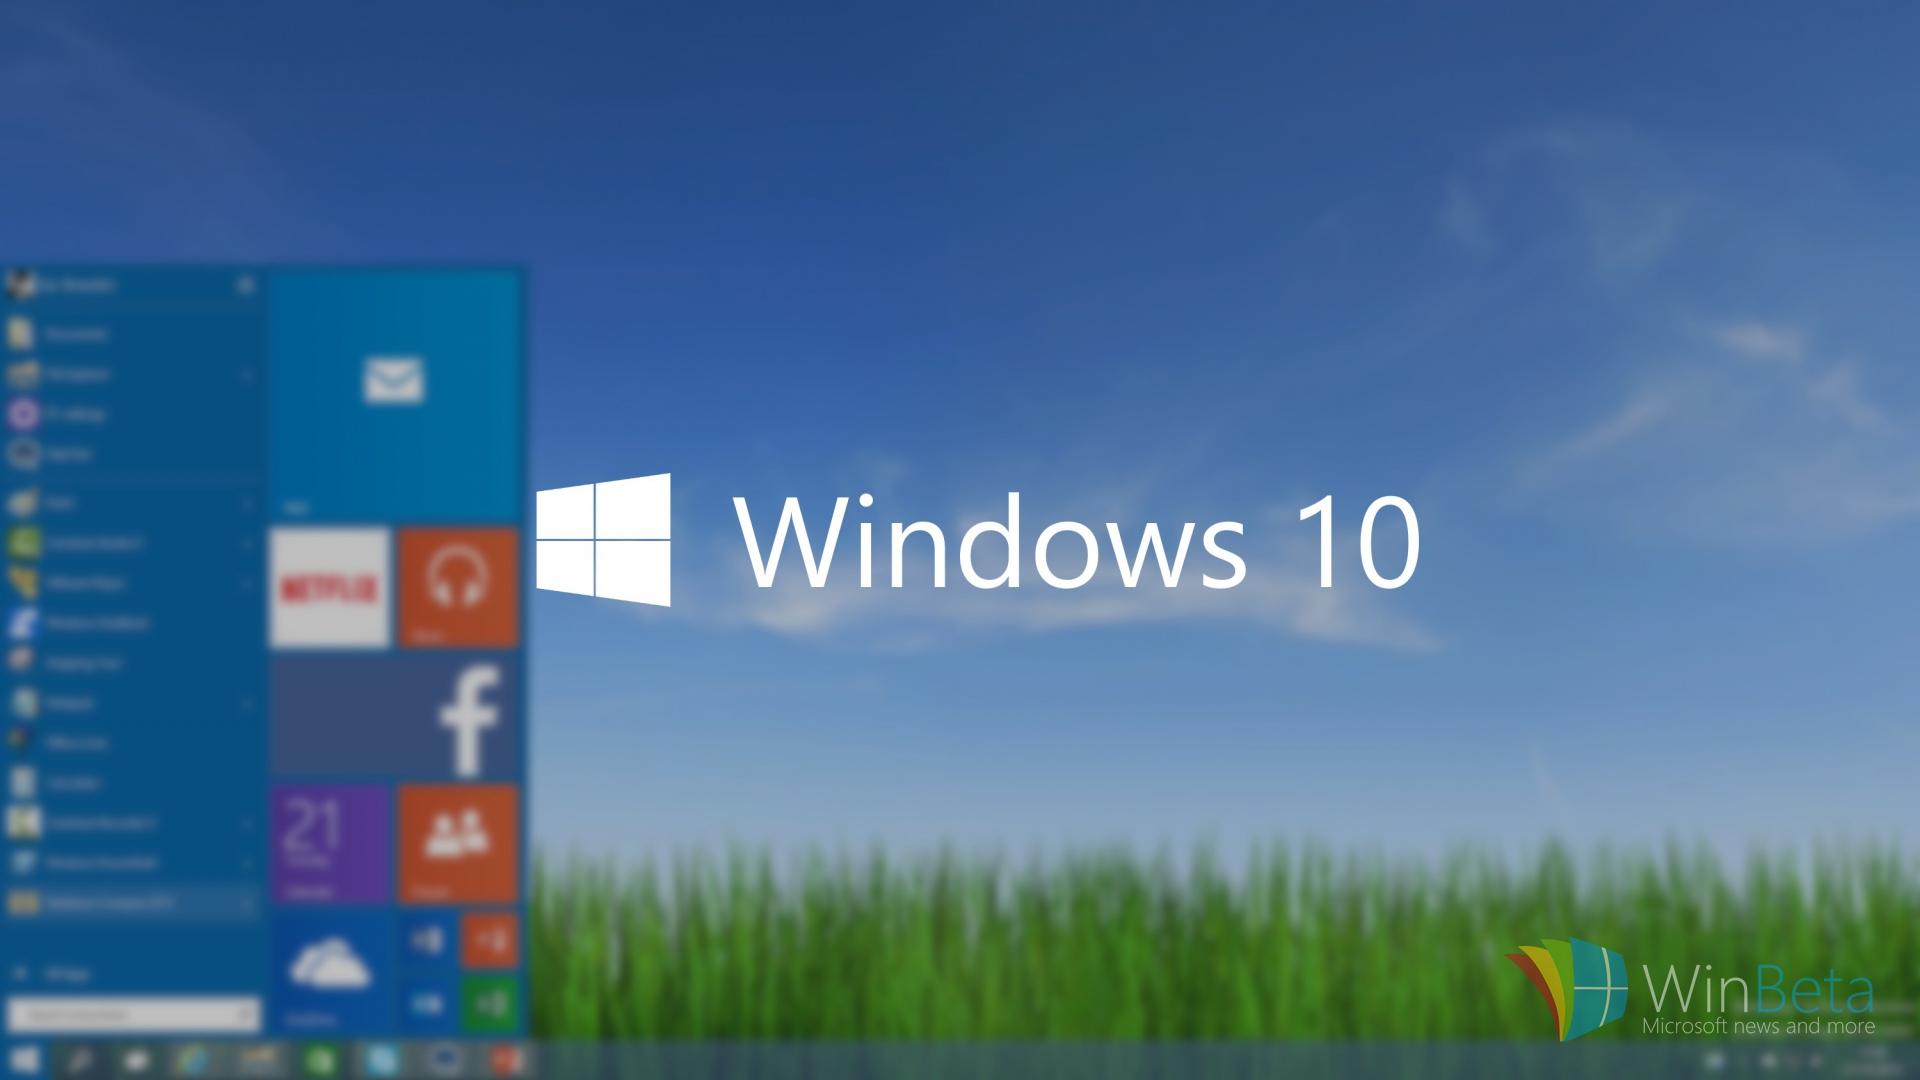 Windows10 1 1920x1080